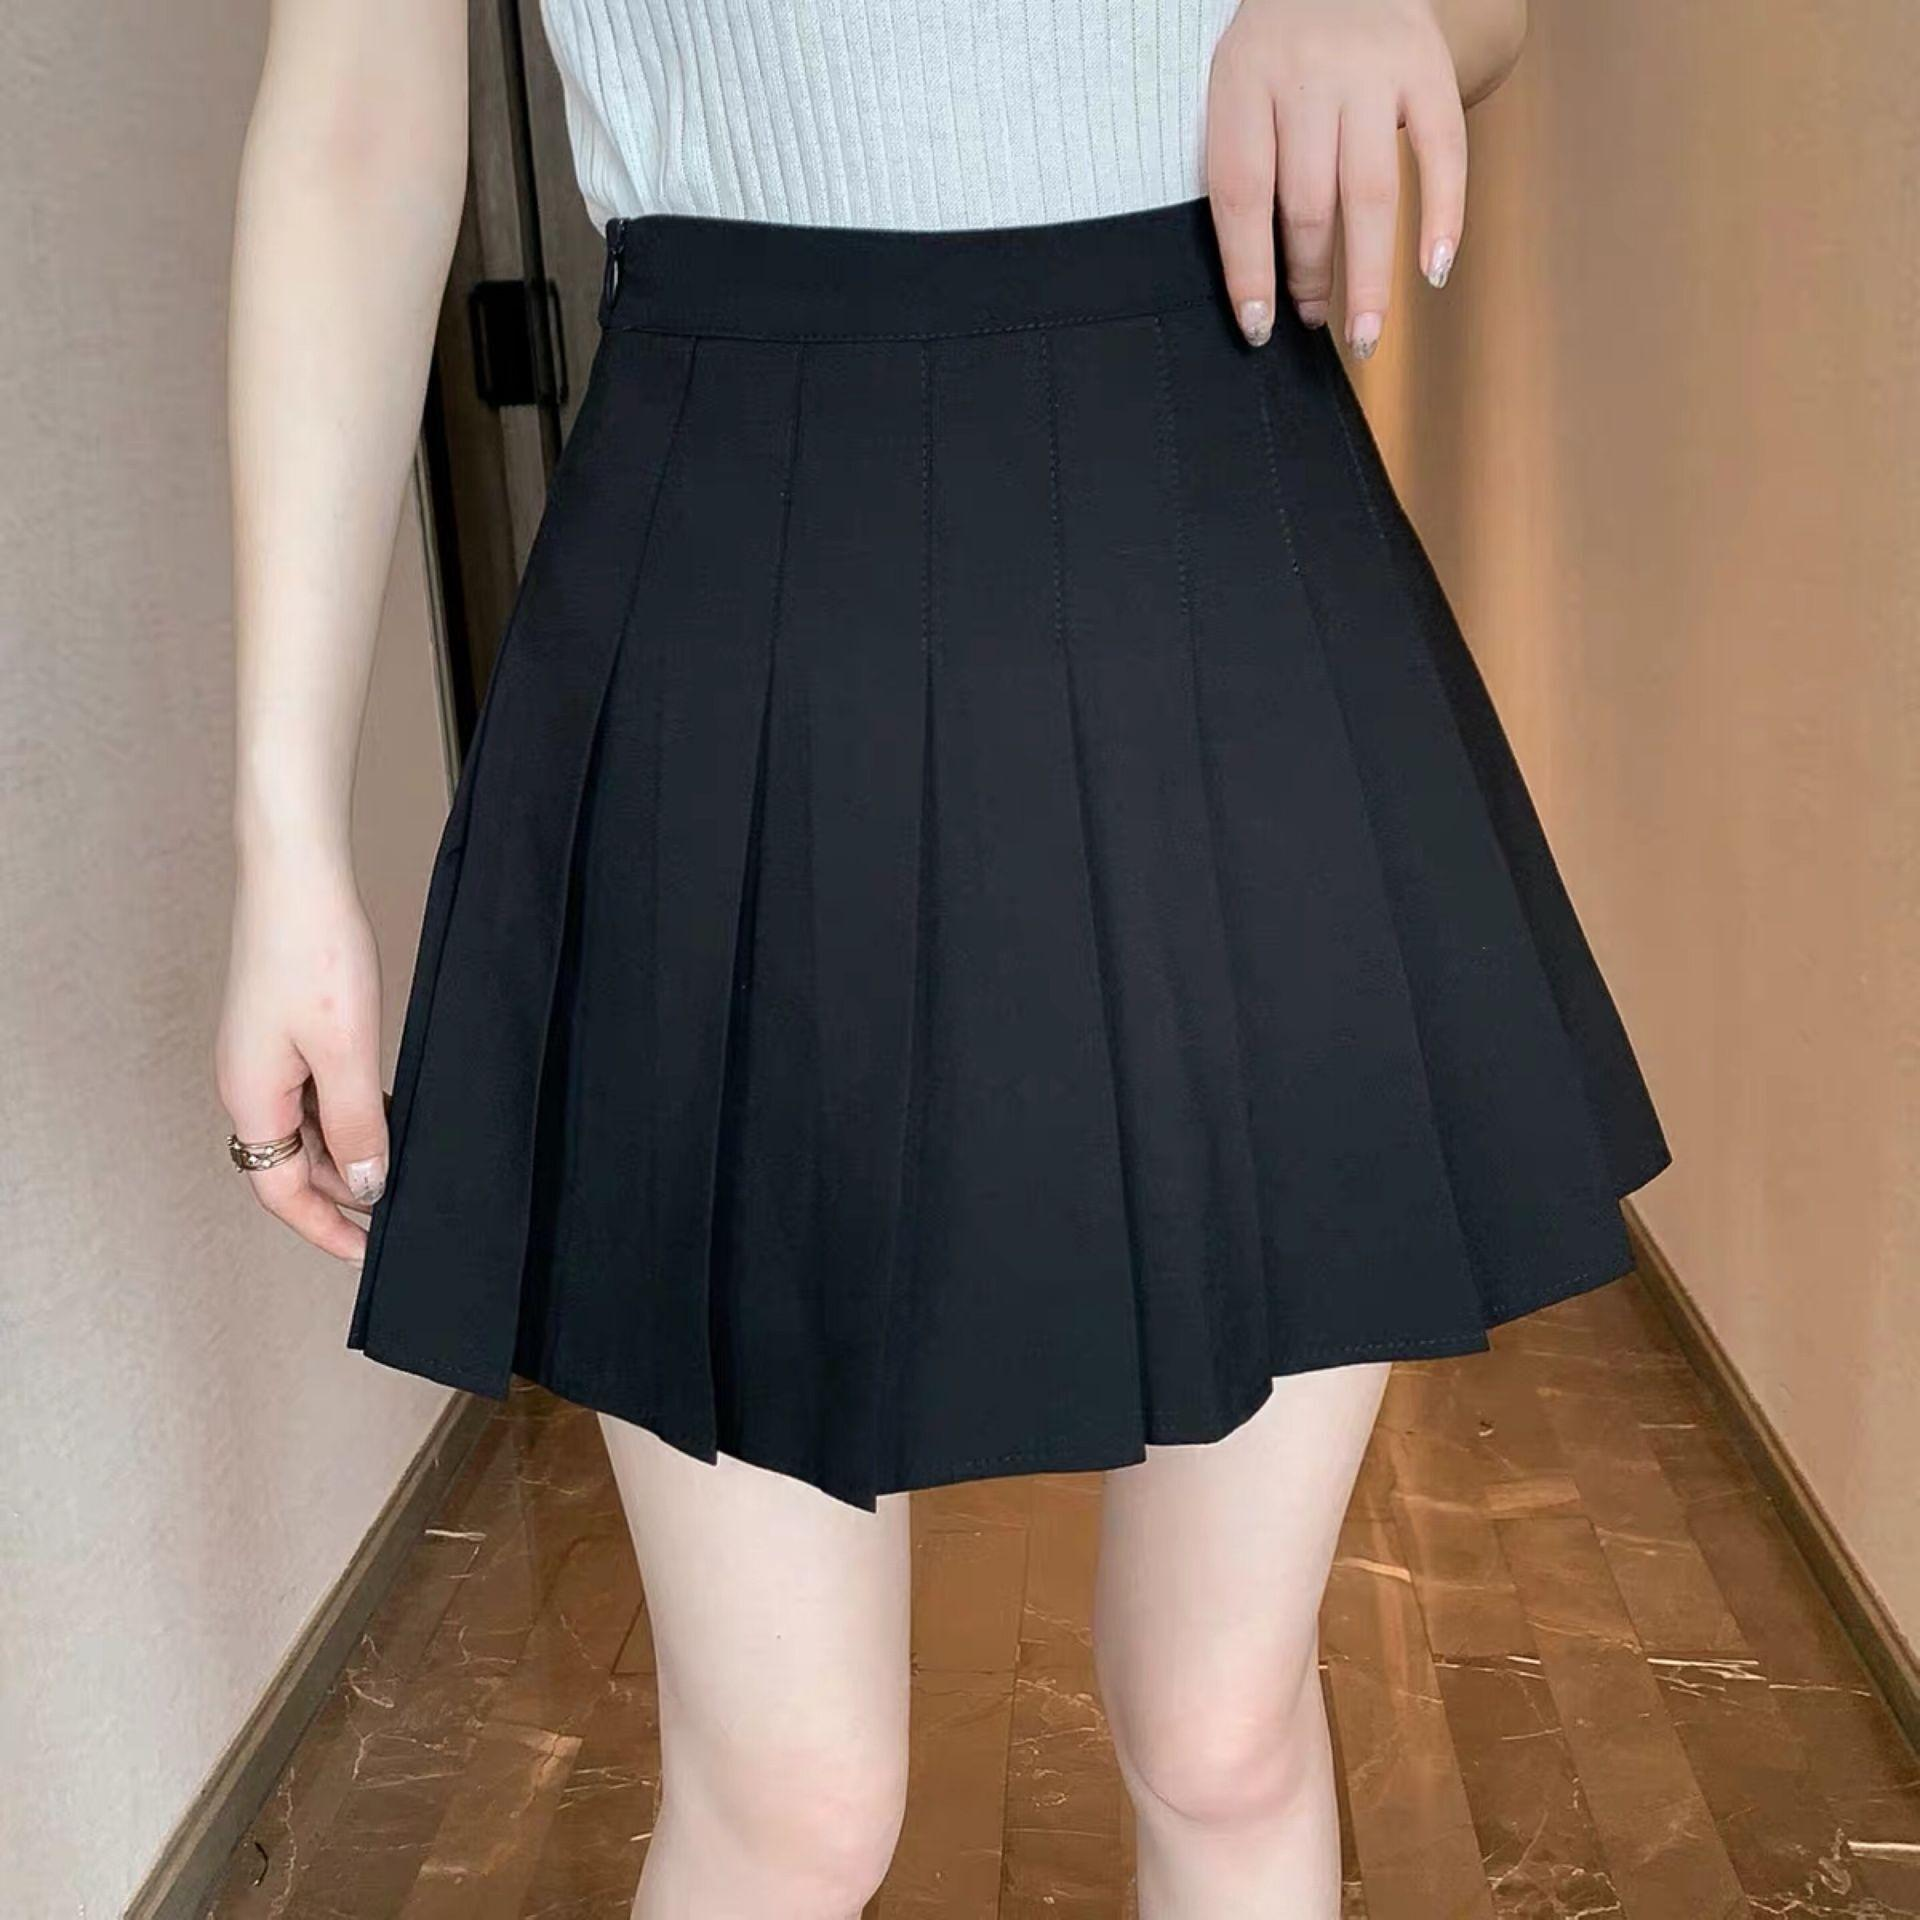 2020 новый летняя тонкий A- ЛИНИЯ установлена тонкий студент Корейские моды плиссированной высокой талии A- линия юбка женщины модули юбку